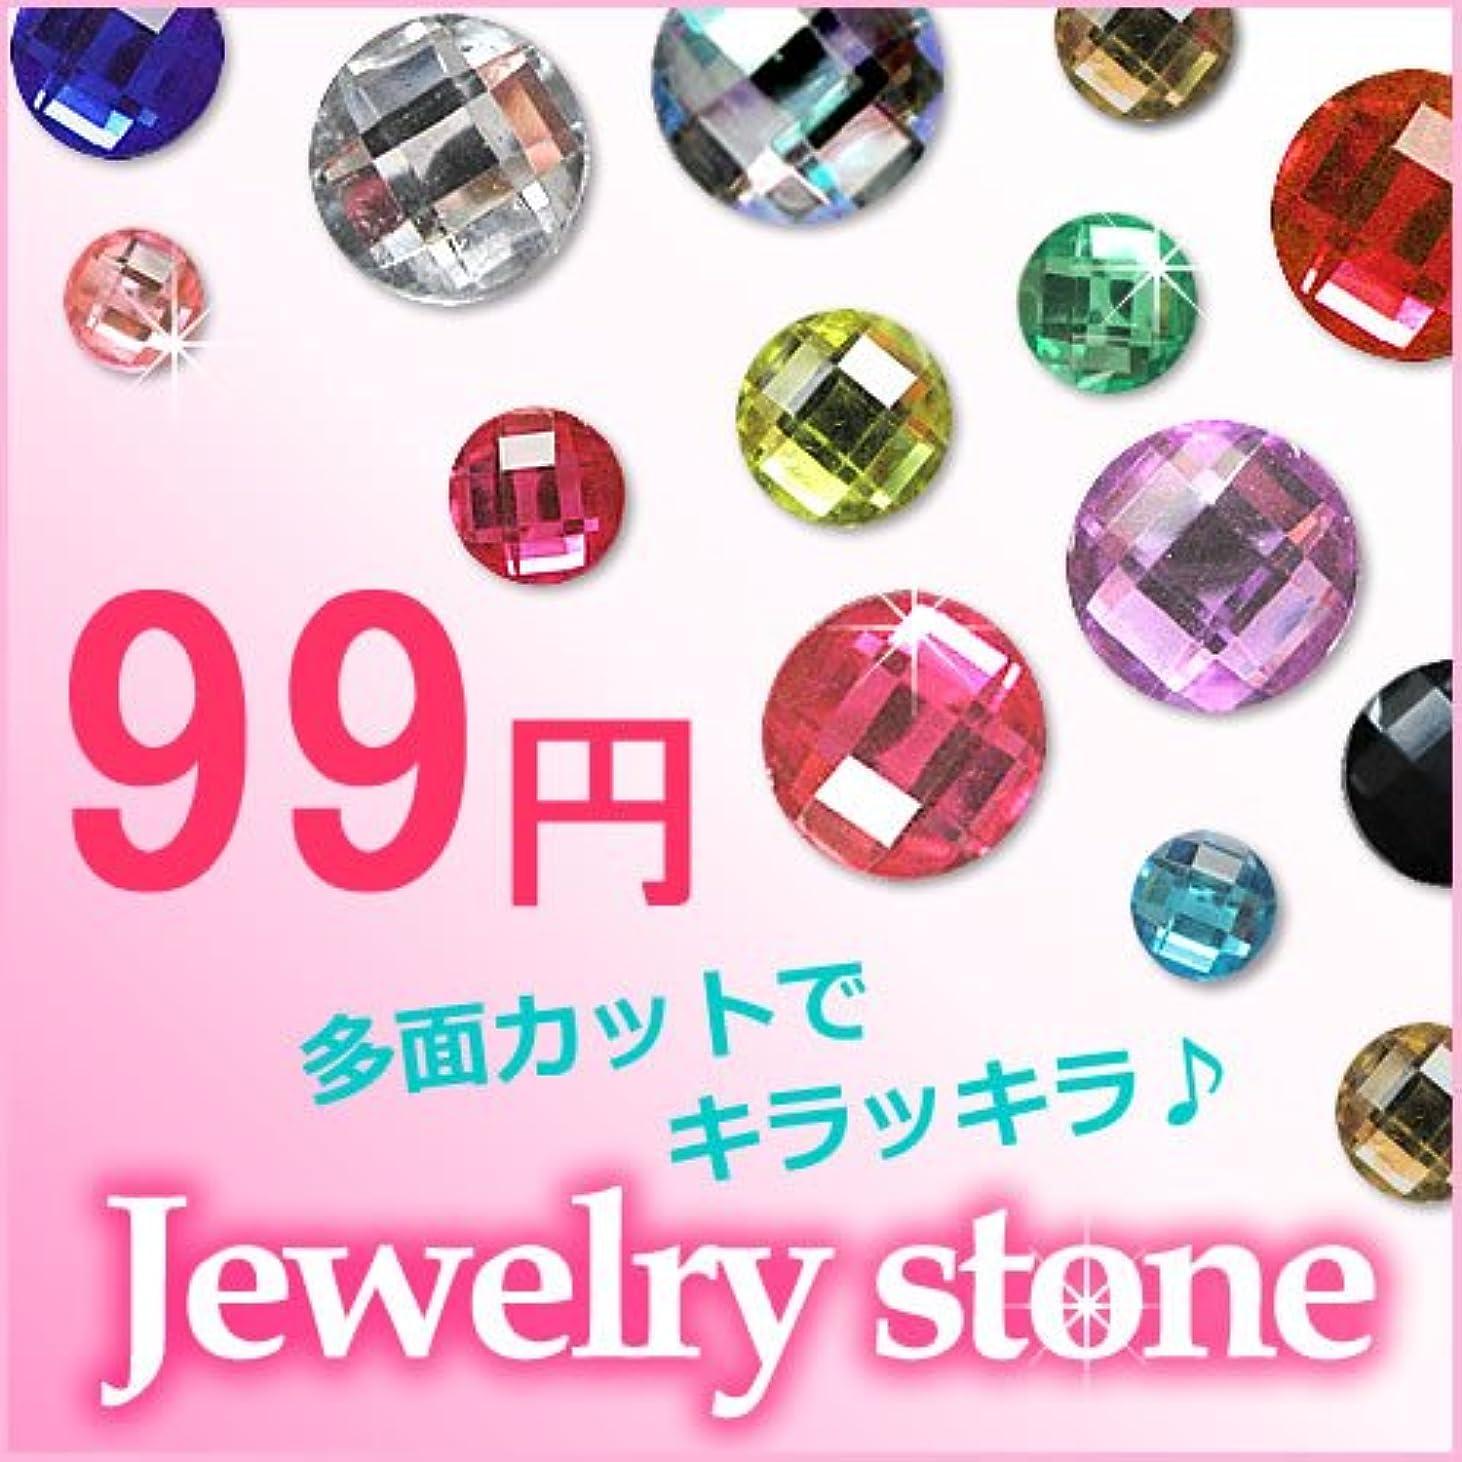 確率印象派教えるアクリル 宝石カット ジュエリー ラインストーン デコ電 デコパーツ 12mm(8粒) ライトピンク